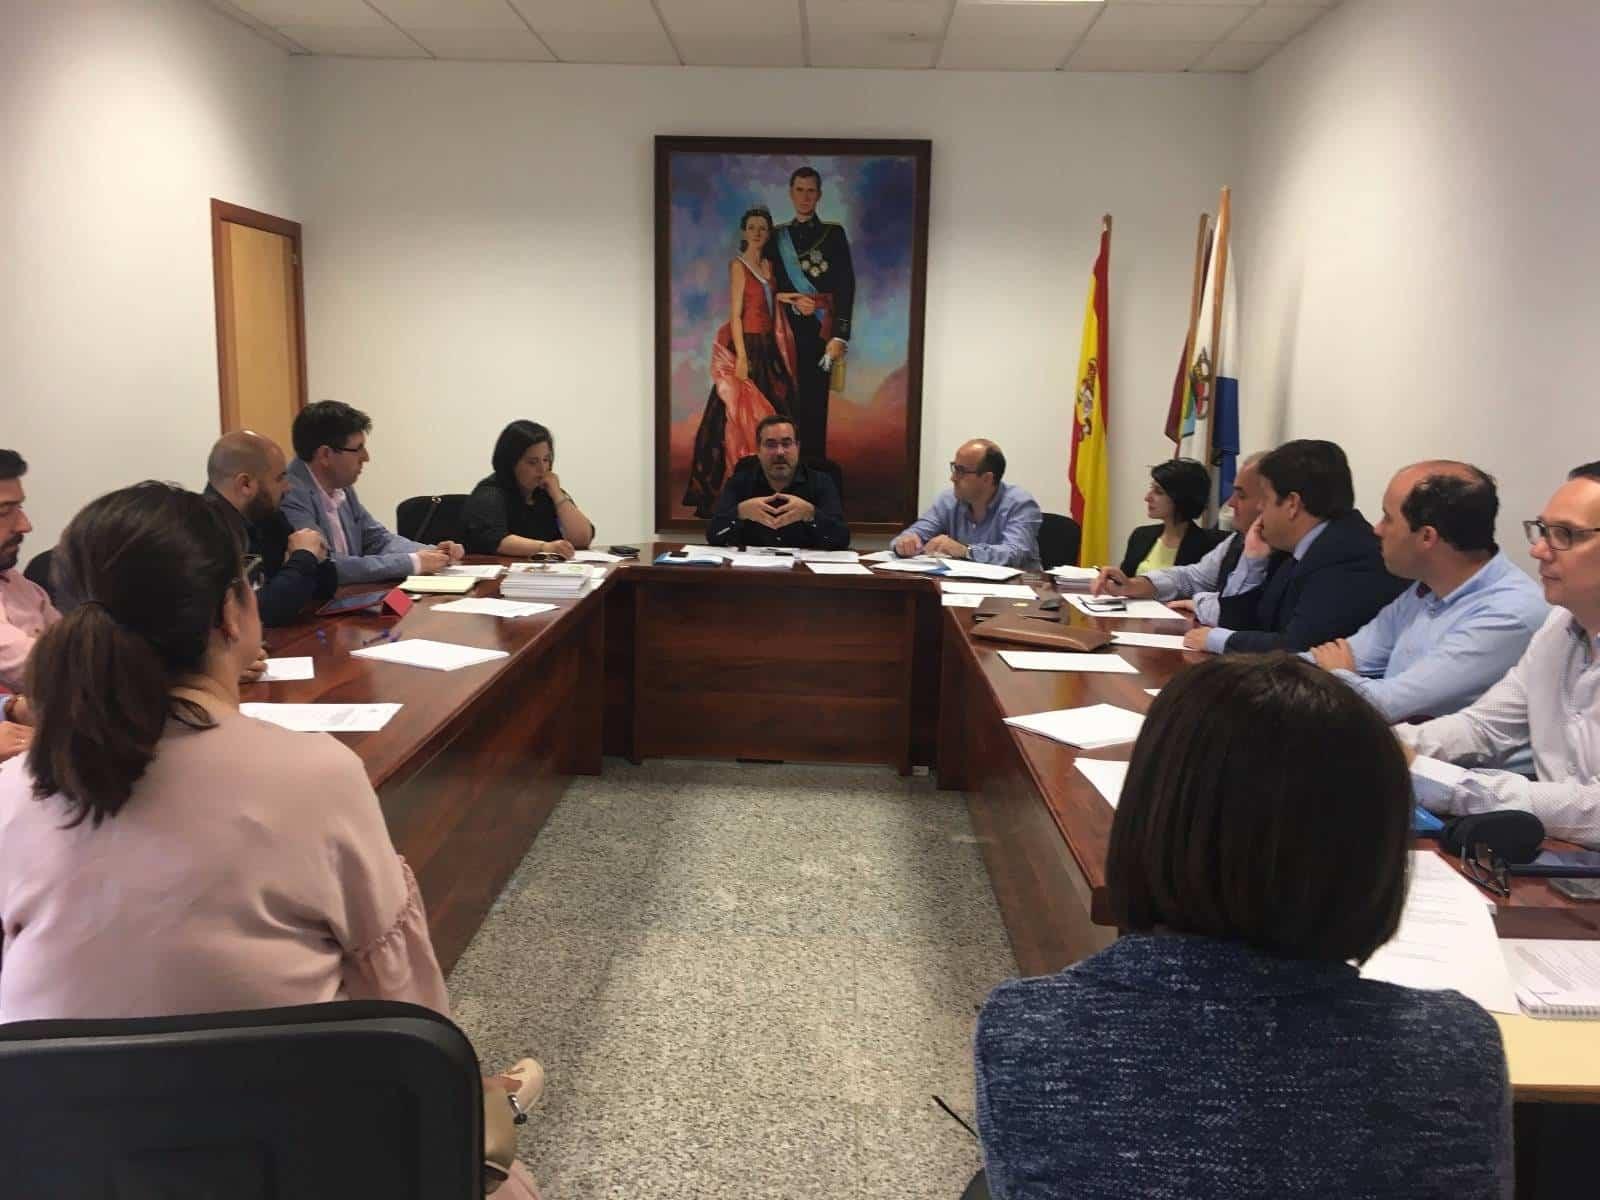 asamblea mancha norte mayo 2018 - Asamblea Ordinaria de Mancha Norte para dar cuenta de los 23 proyectos subvencionados para la dinamización de la Comarca